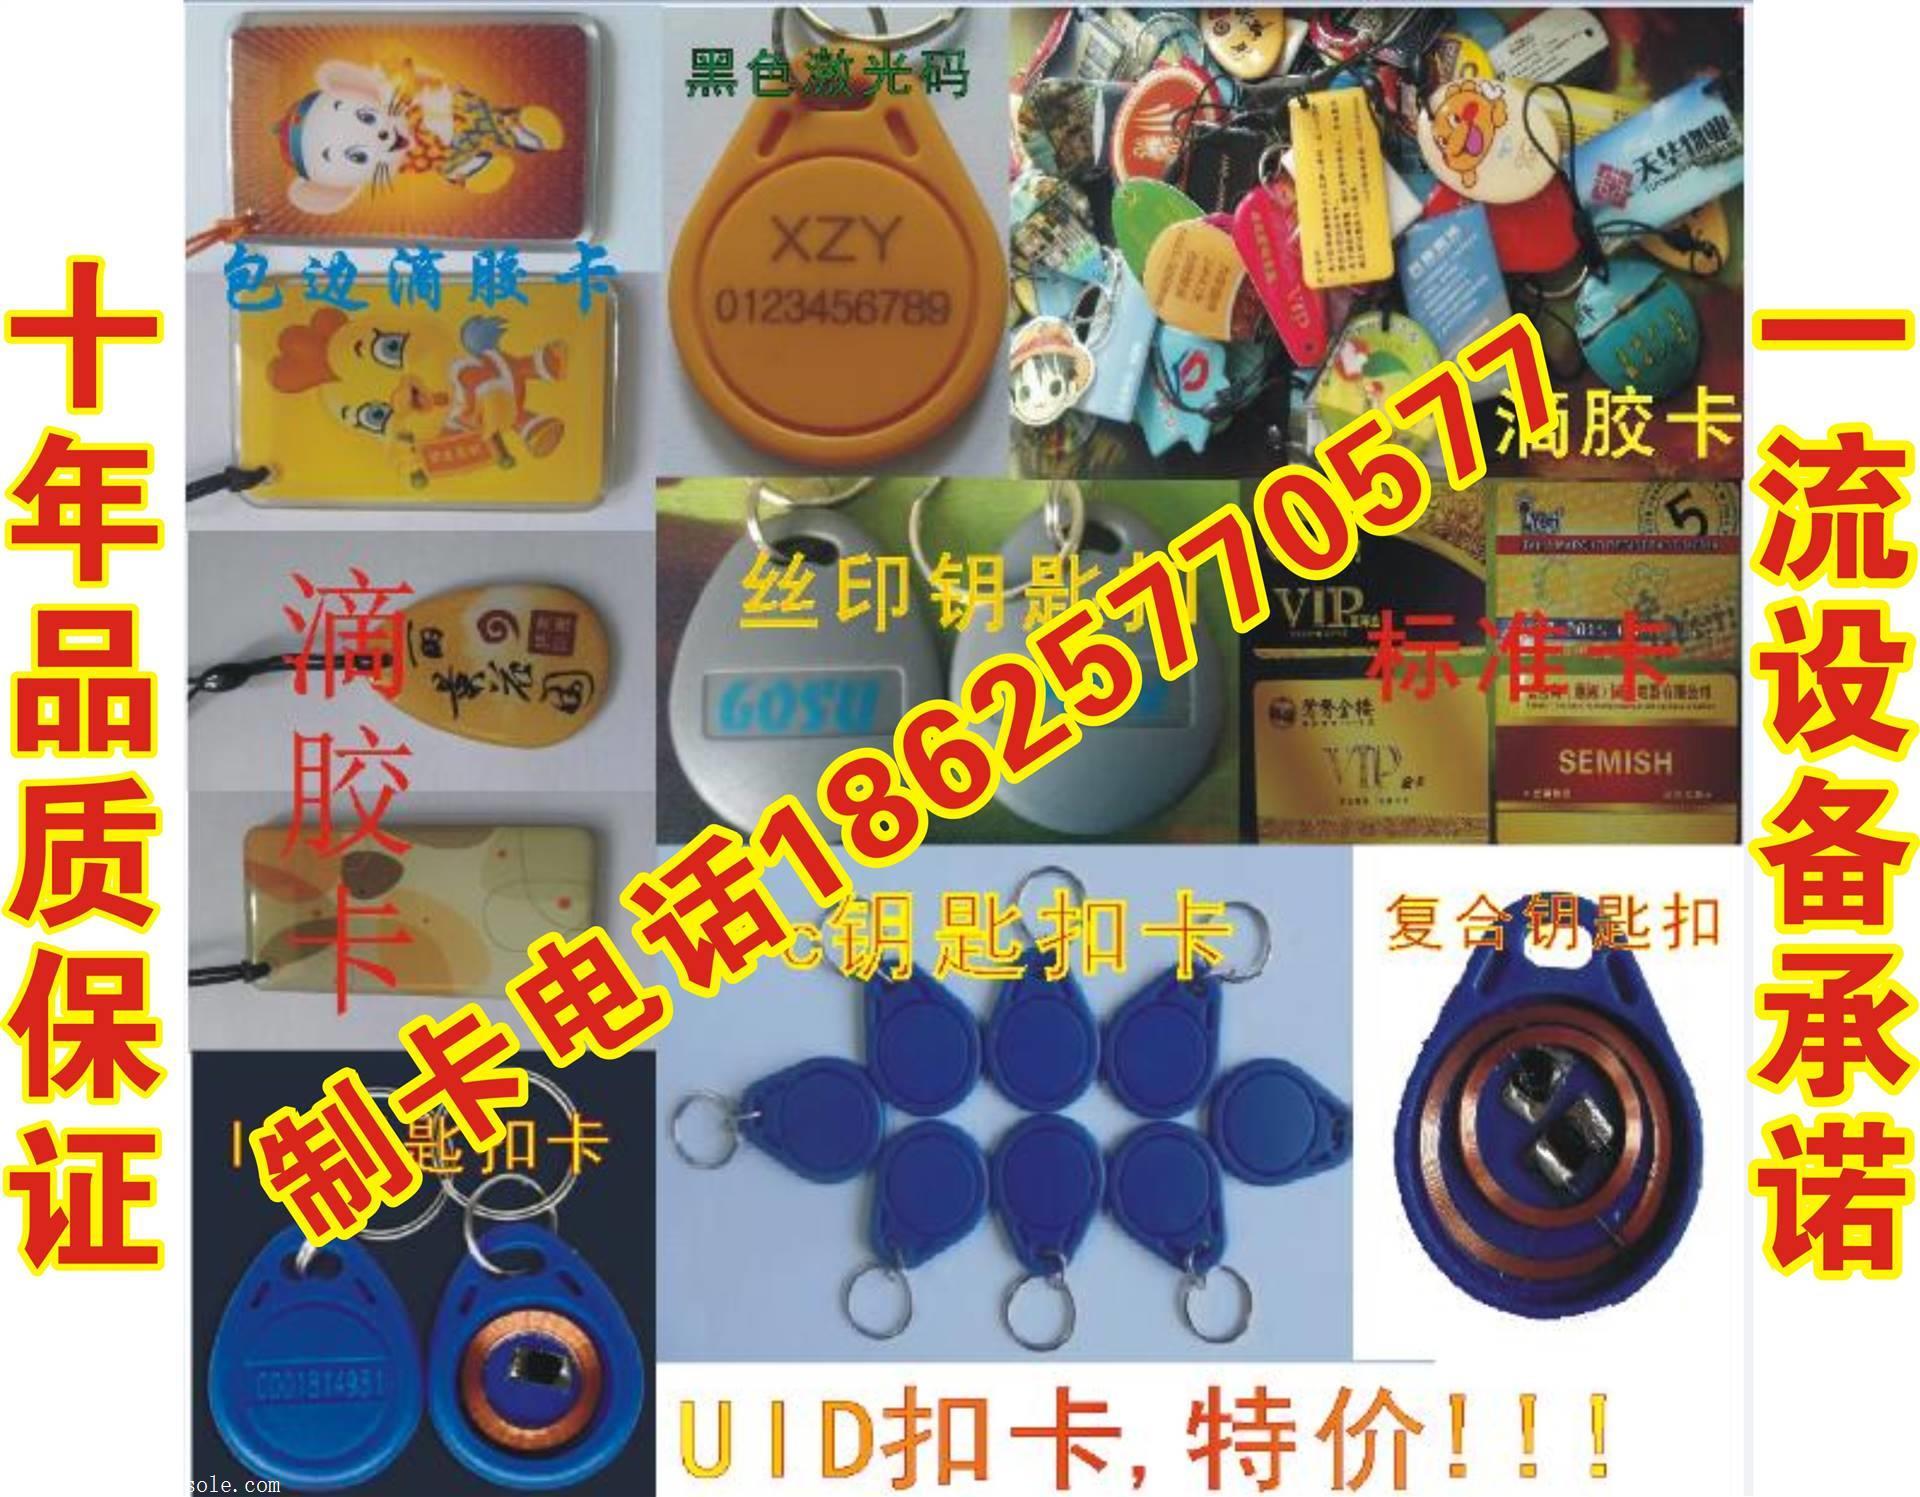 郑州1元复制蓝牙卡停车卡在哪里东区有嘛社区绍兴E网